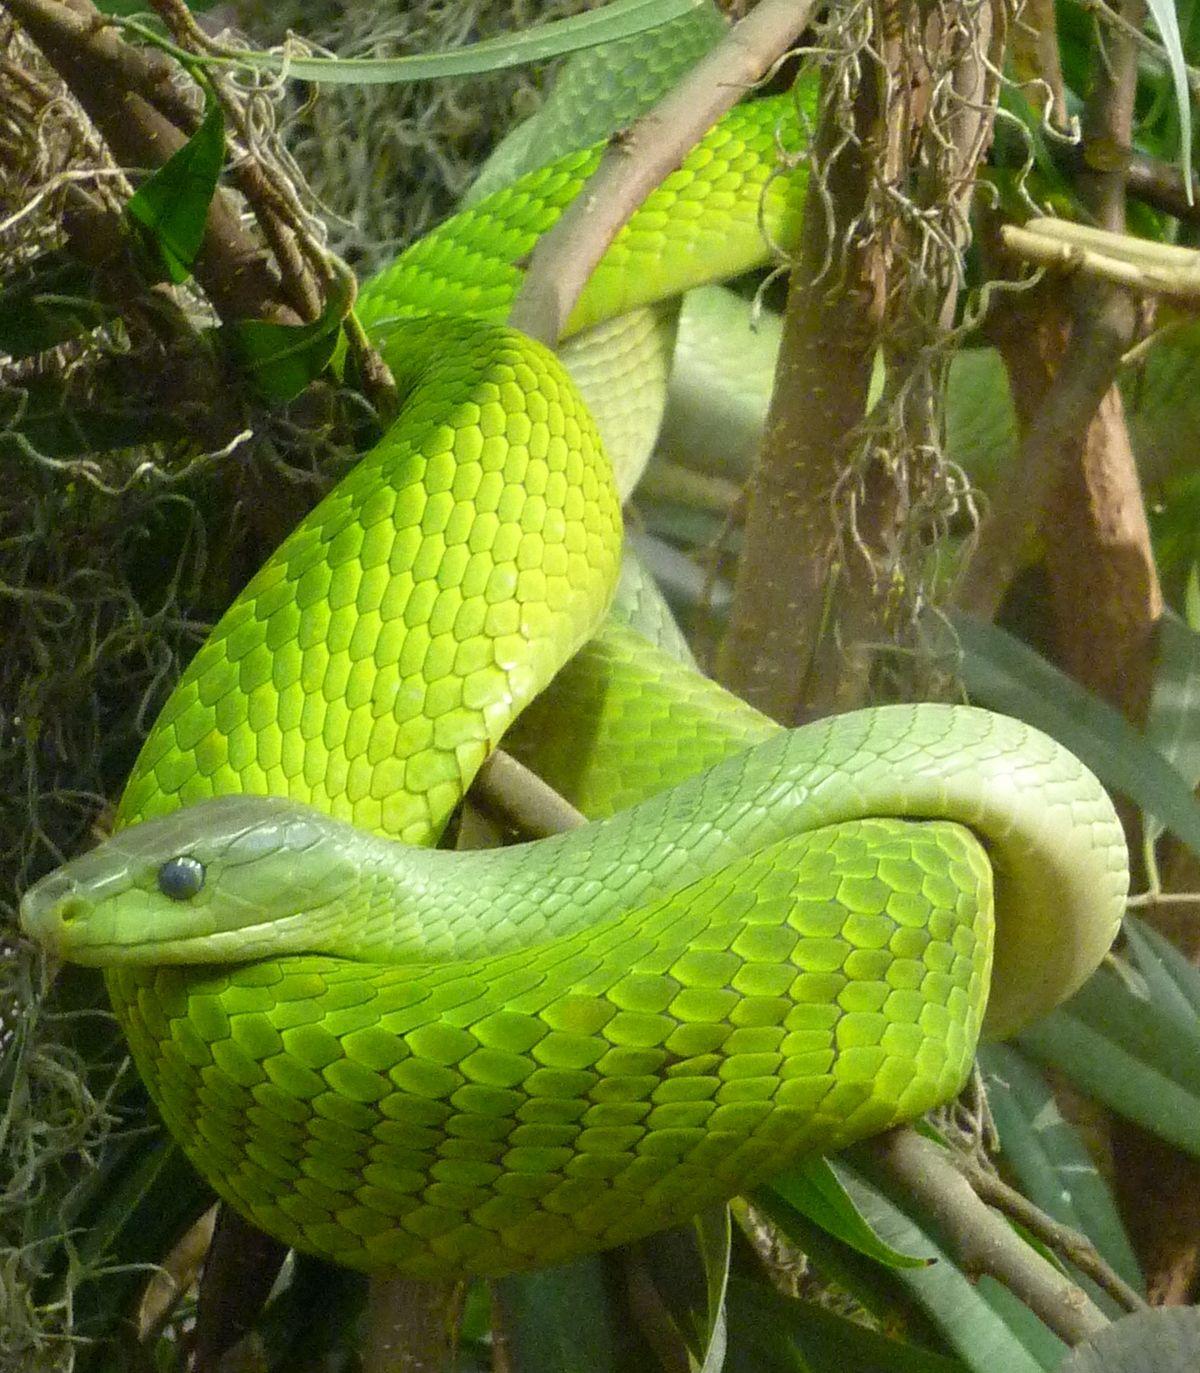 Escamas de las serpientes - Wikipedia, la enciclopedia libre